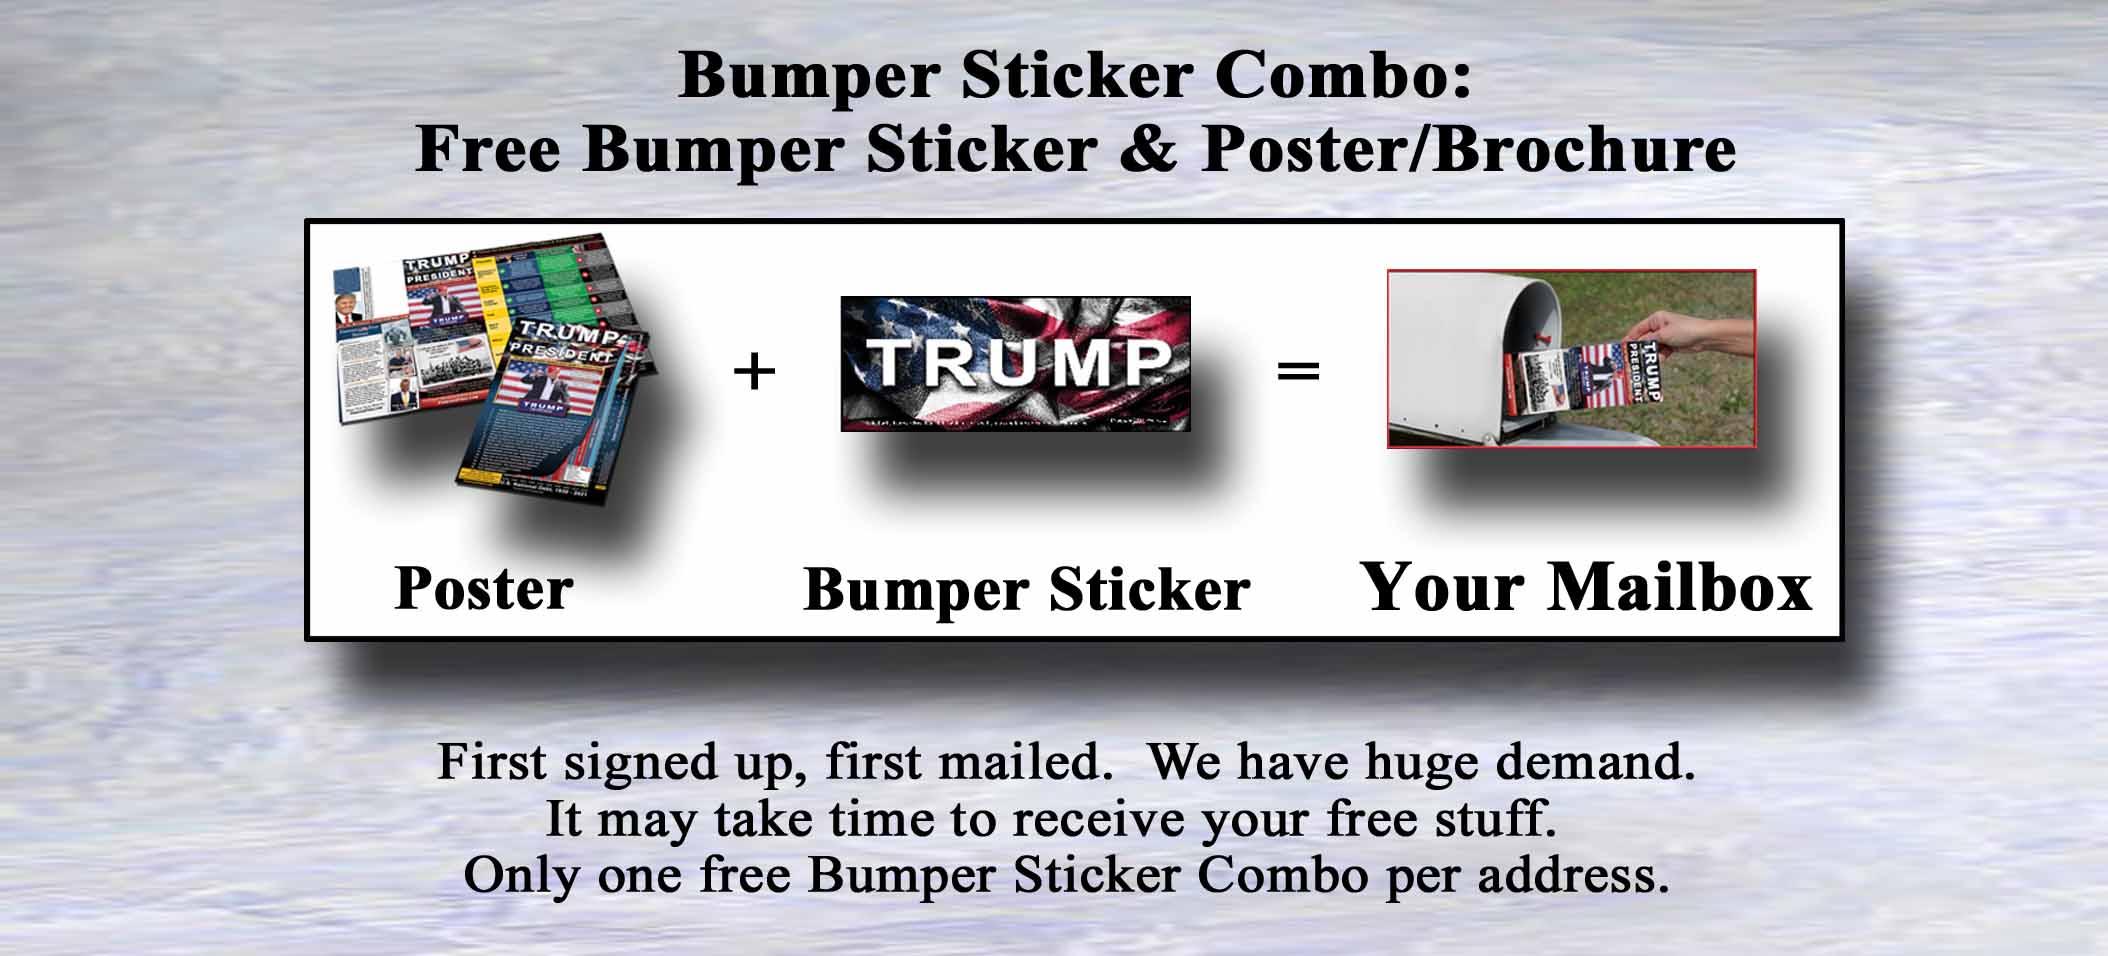 Free Bumper Sticker Combo